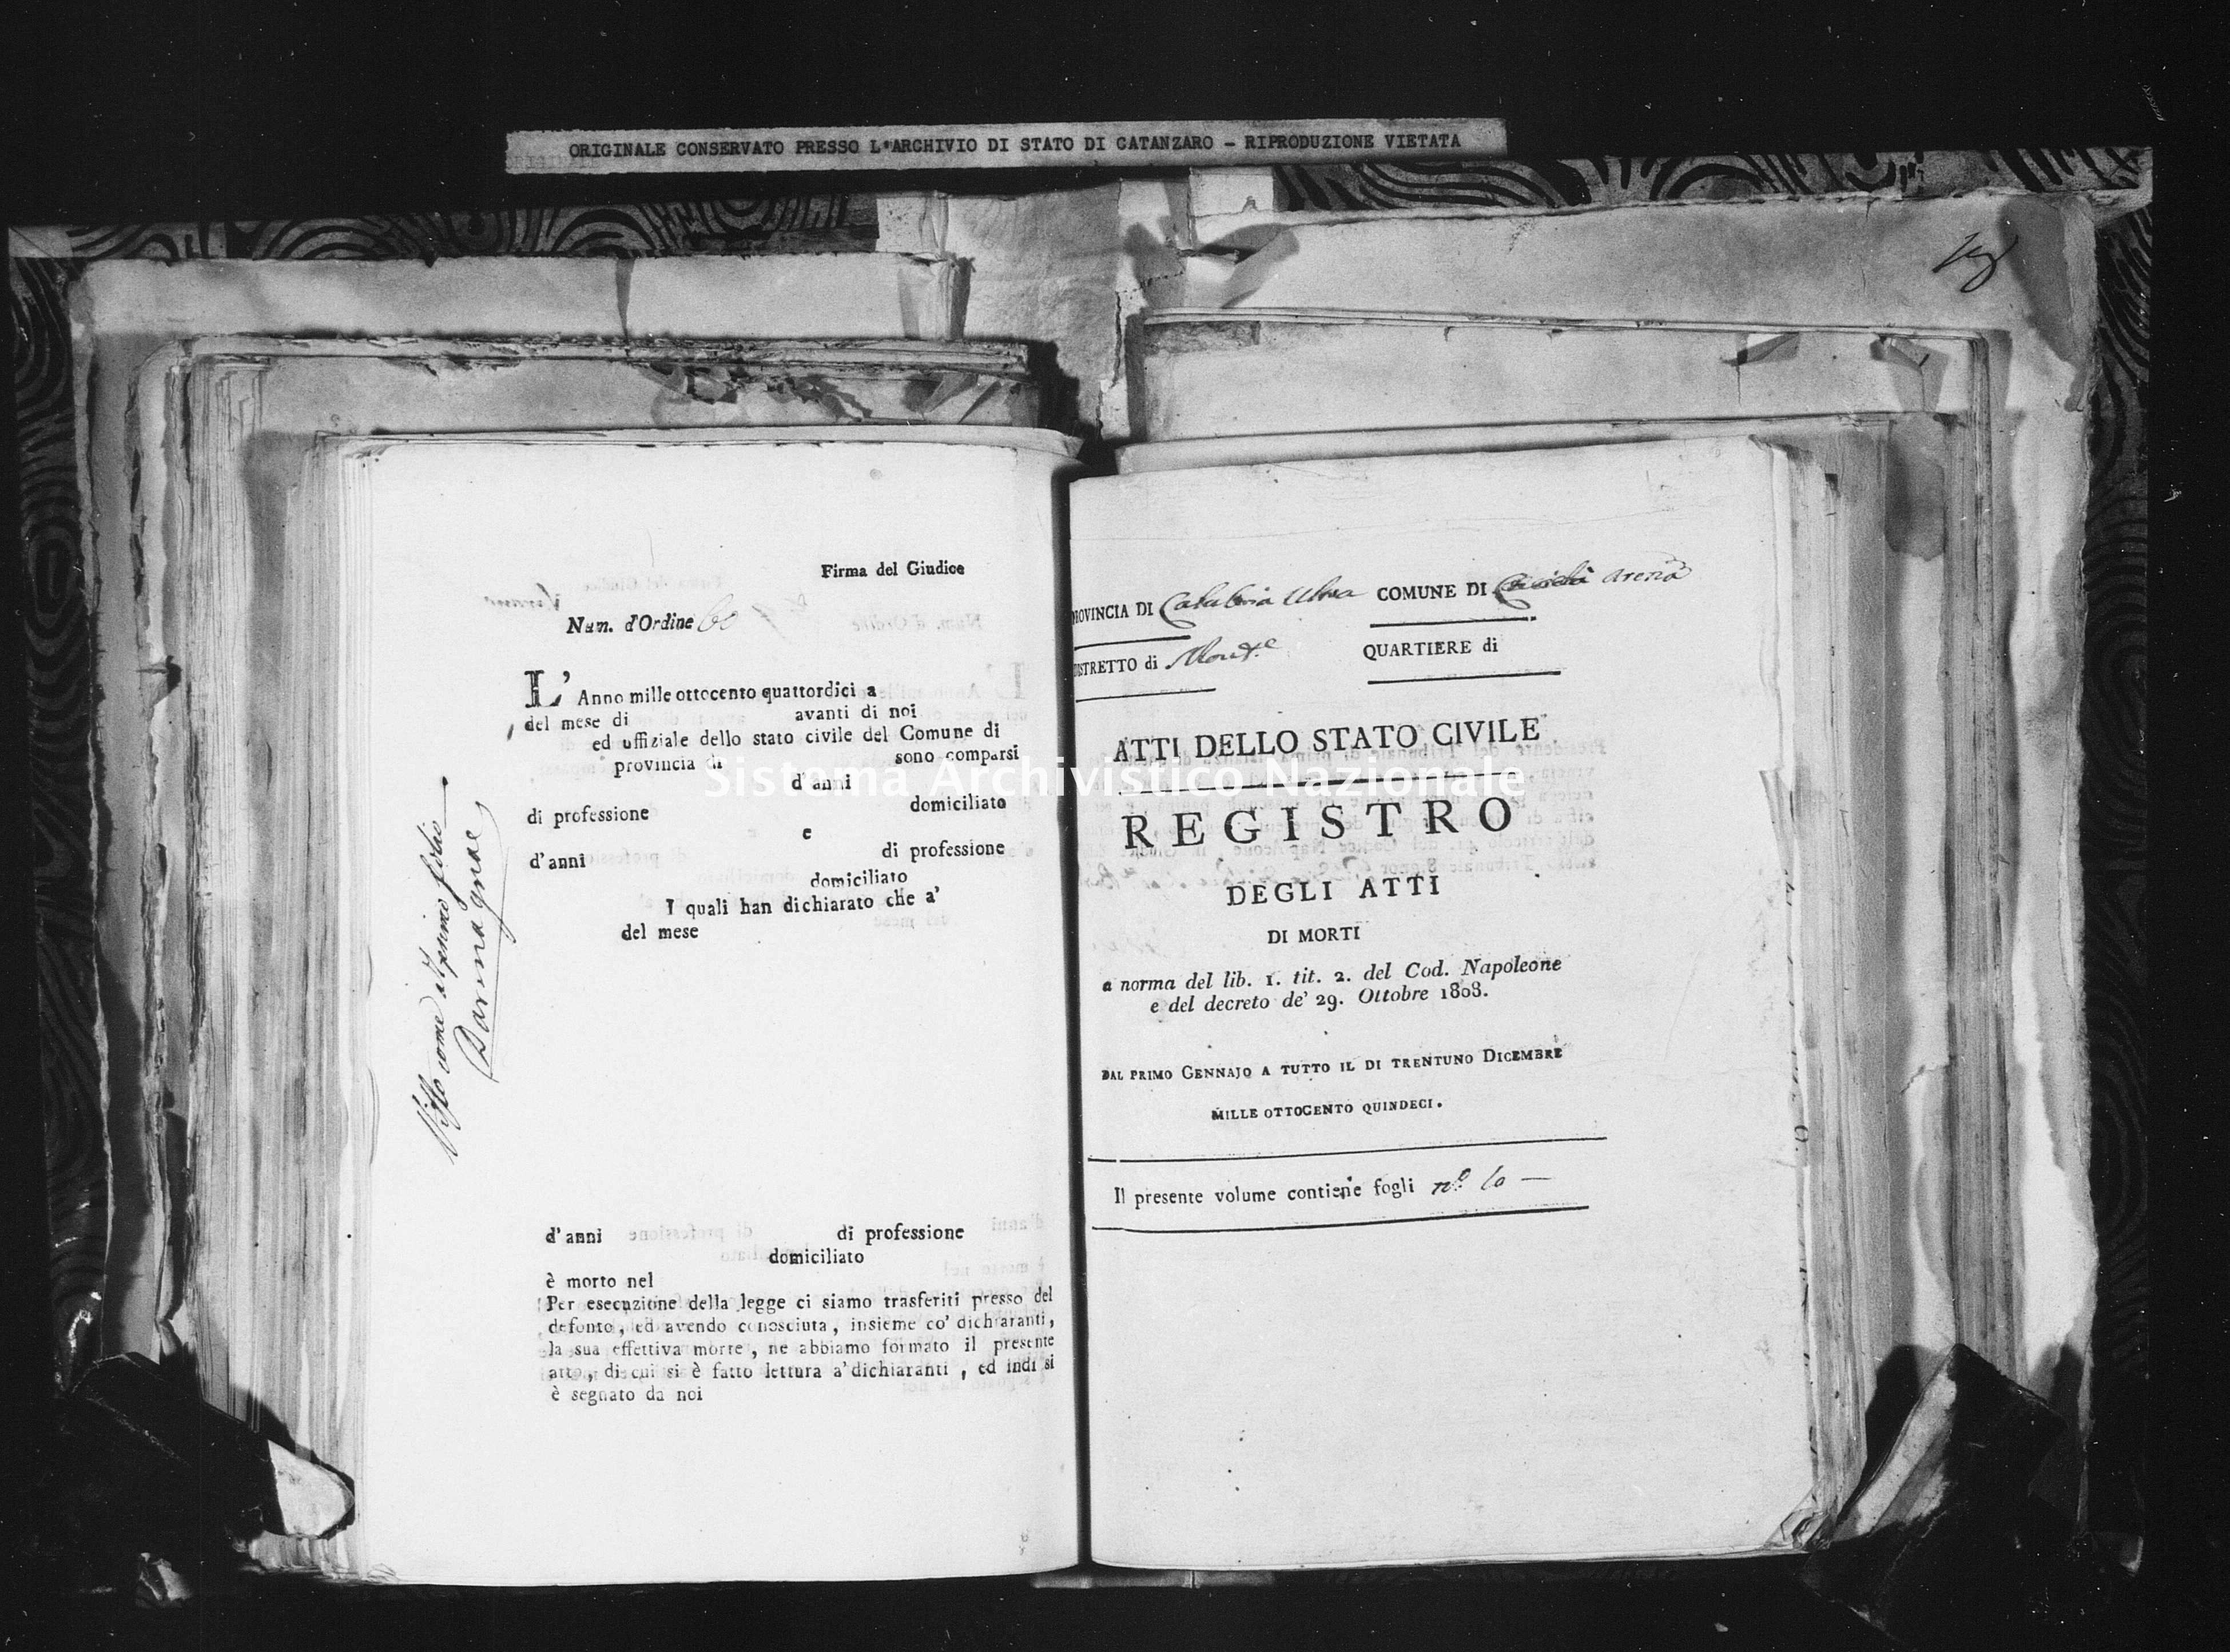 Archivio di stato di Catanzaro - Stato civile napoleonico - Arena - Morti - 1815 - 102 -